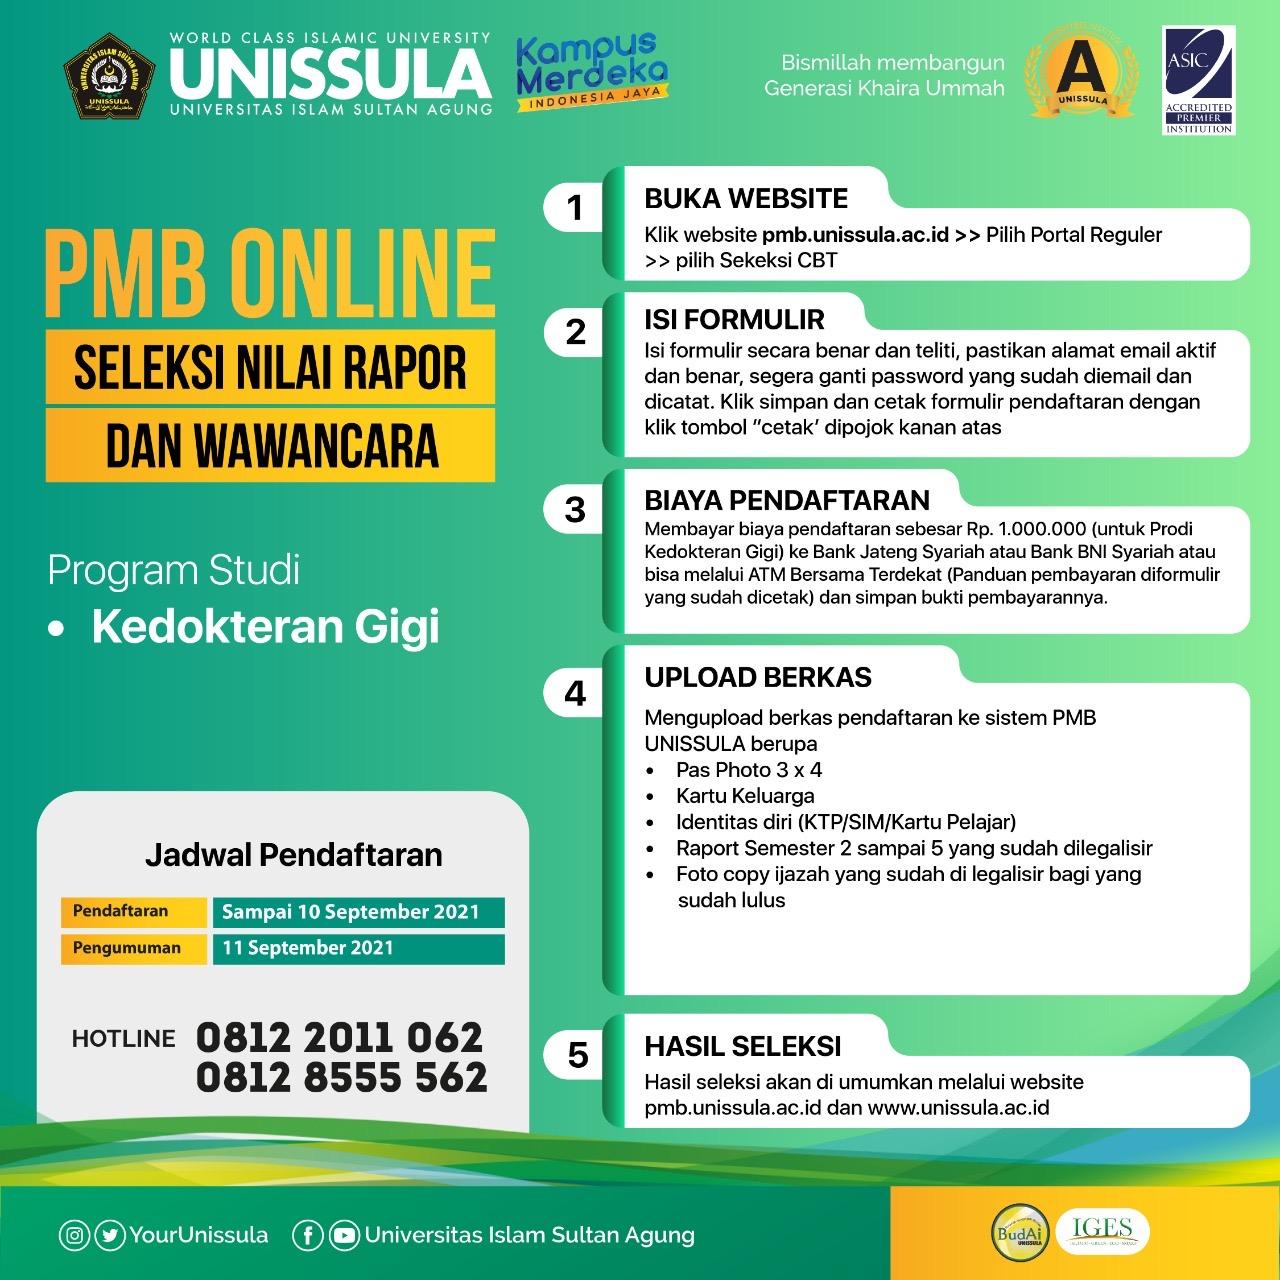 Prodi Kedokteran Gigi Unissula masih membuka penerimaan mahasiswa baru (PMB) secara online hingga 10 September 2021.